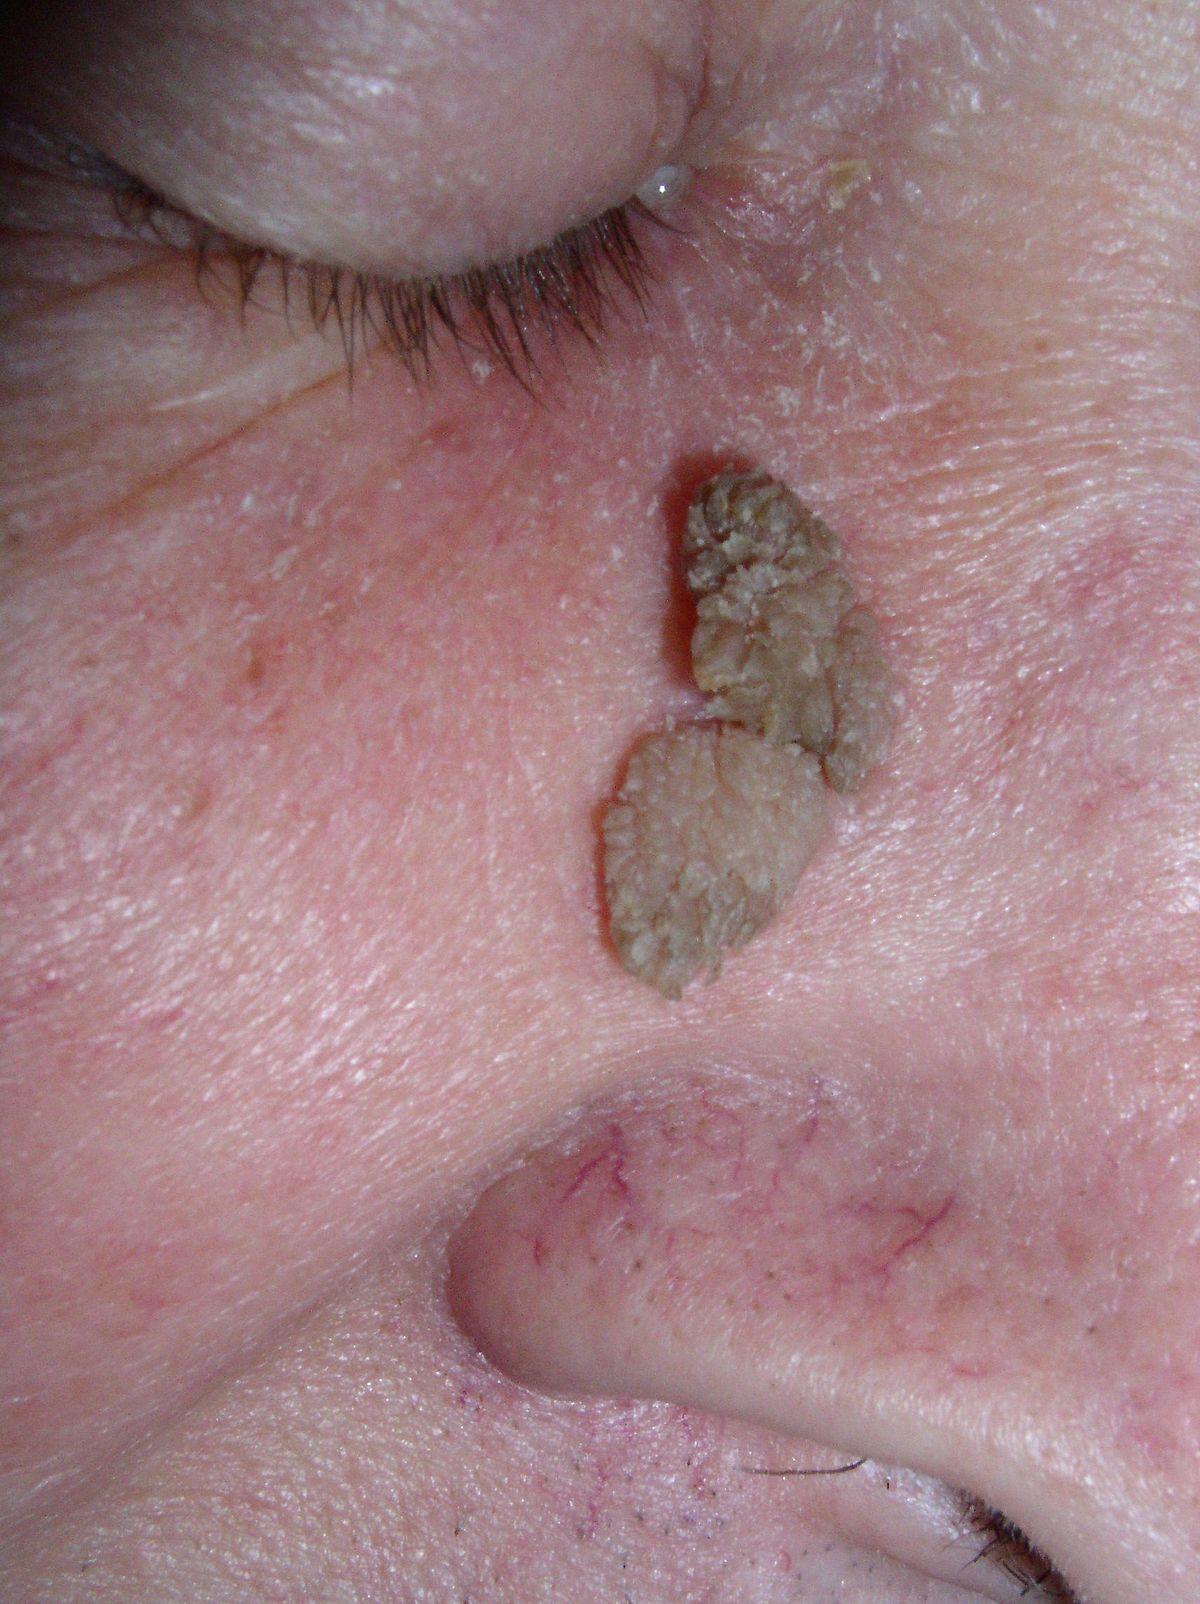 humani papiloma virus zastita viermii se numesc medicamente pentru om